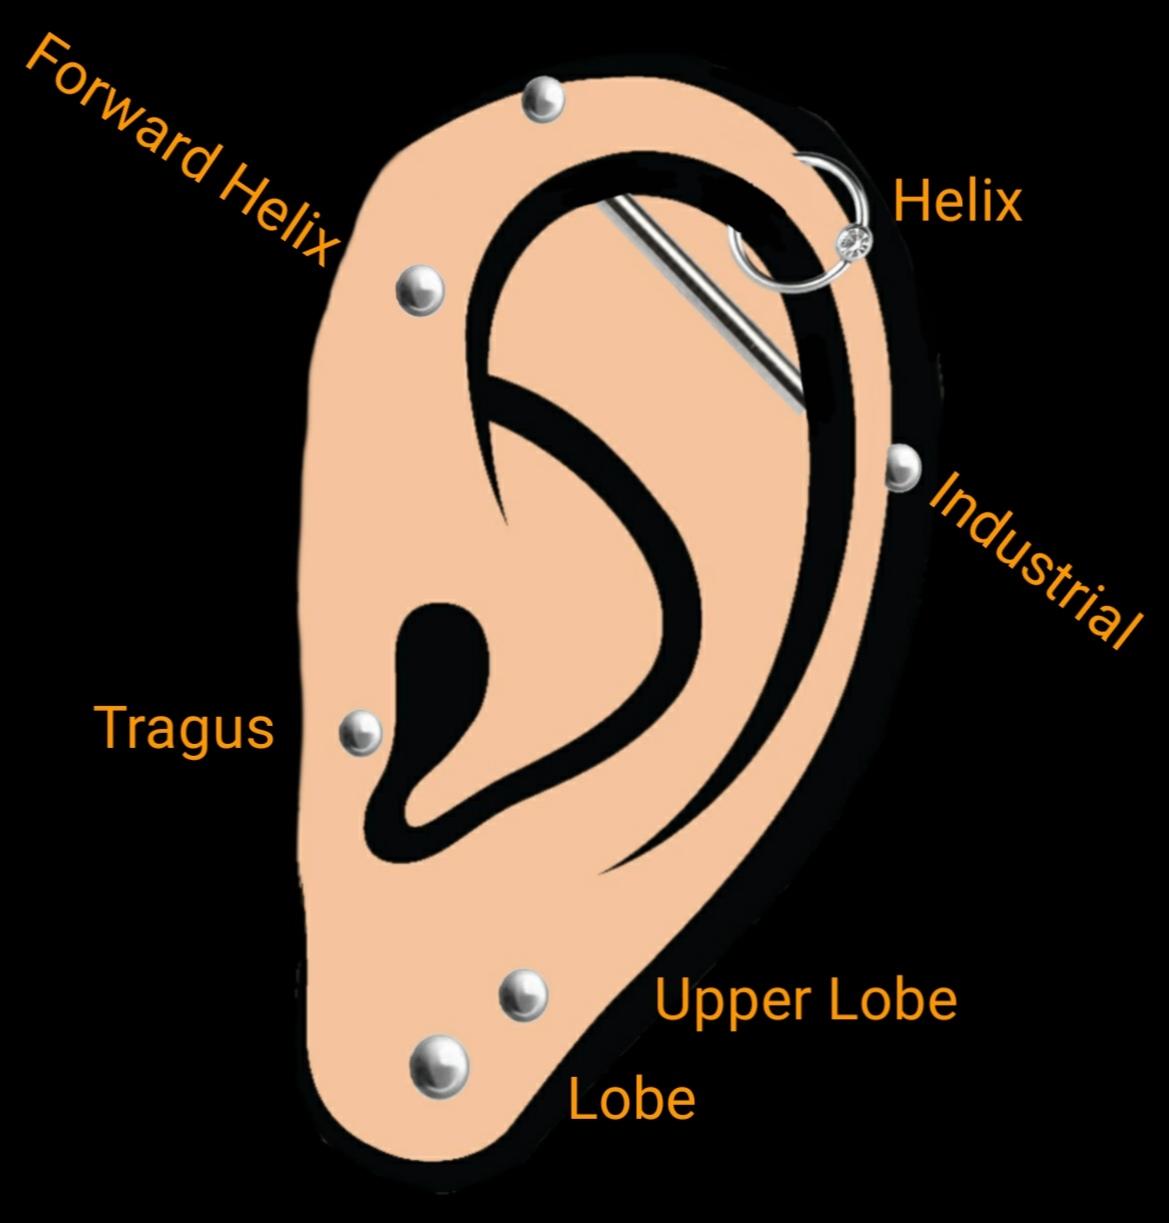 Piercingarten am Ohr. So werden Helix,Tragus, Lobe und Industrial gestochen